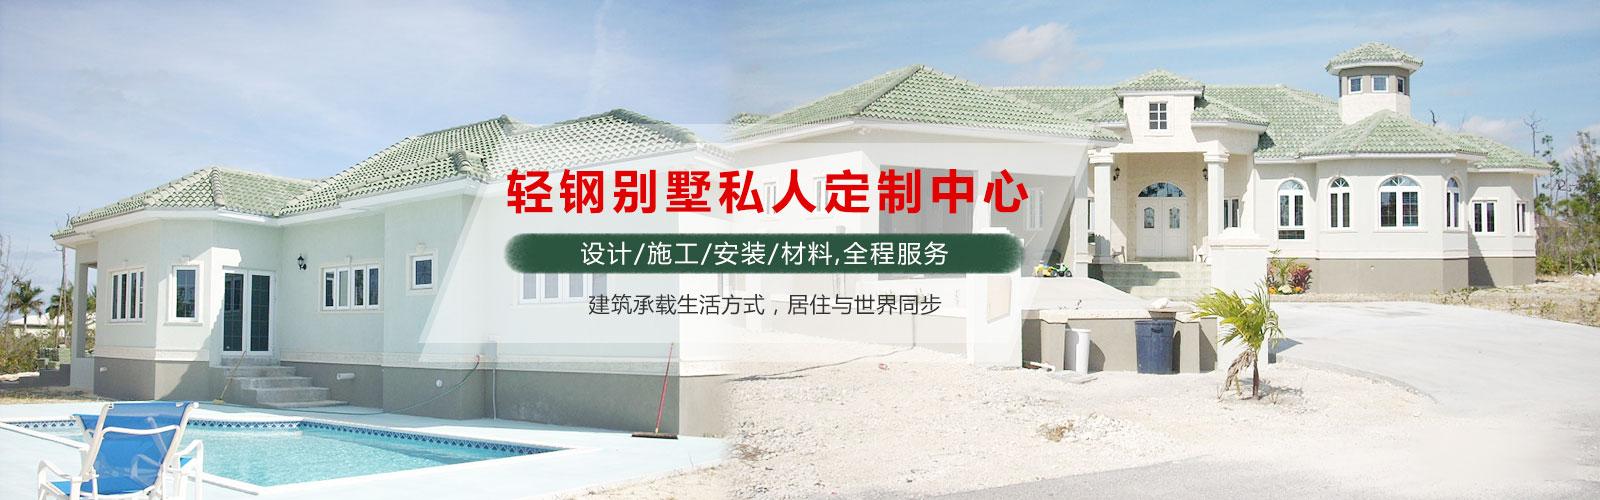 重慶鋼結構別墅